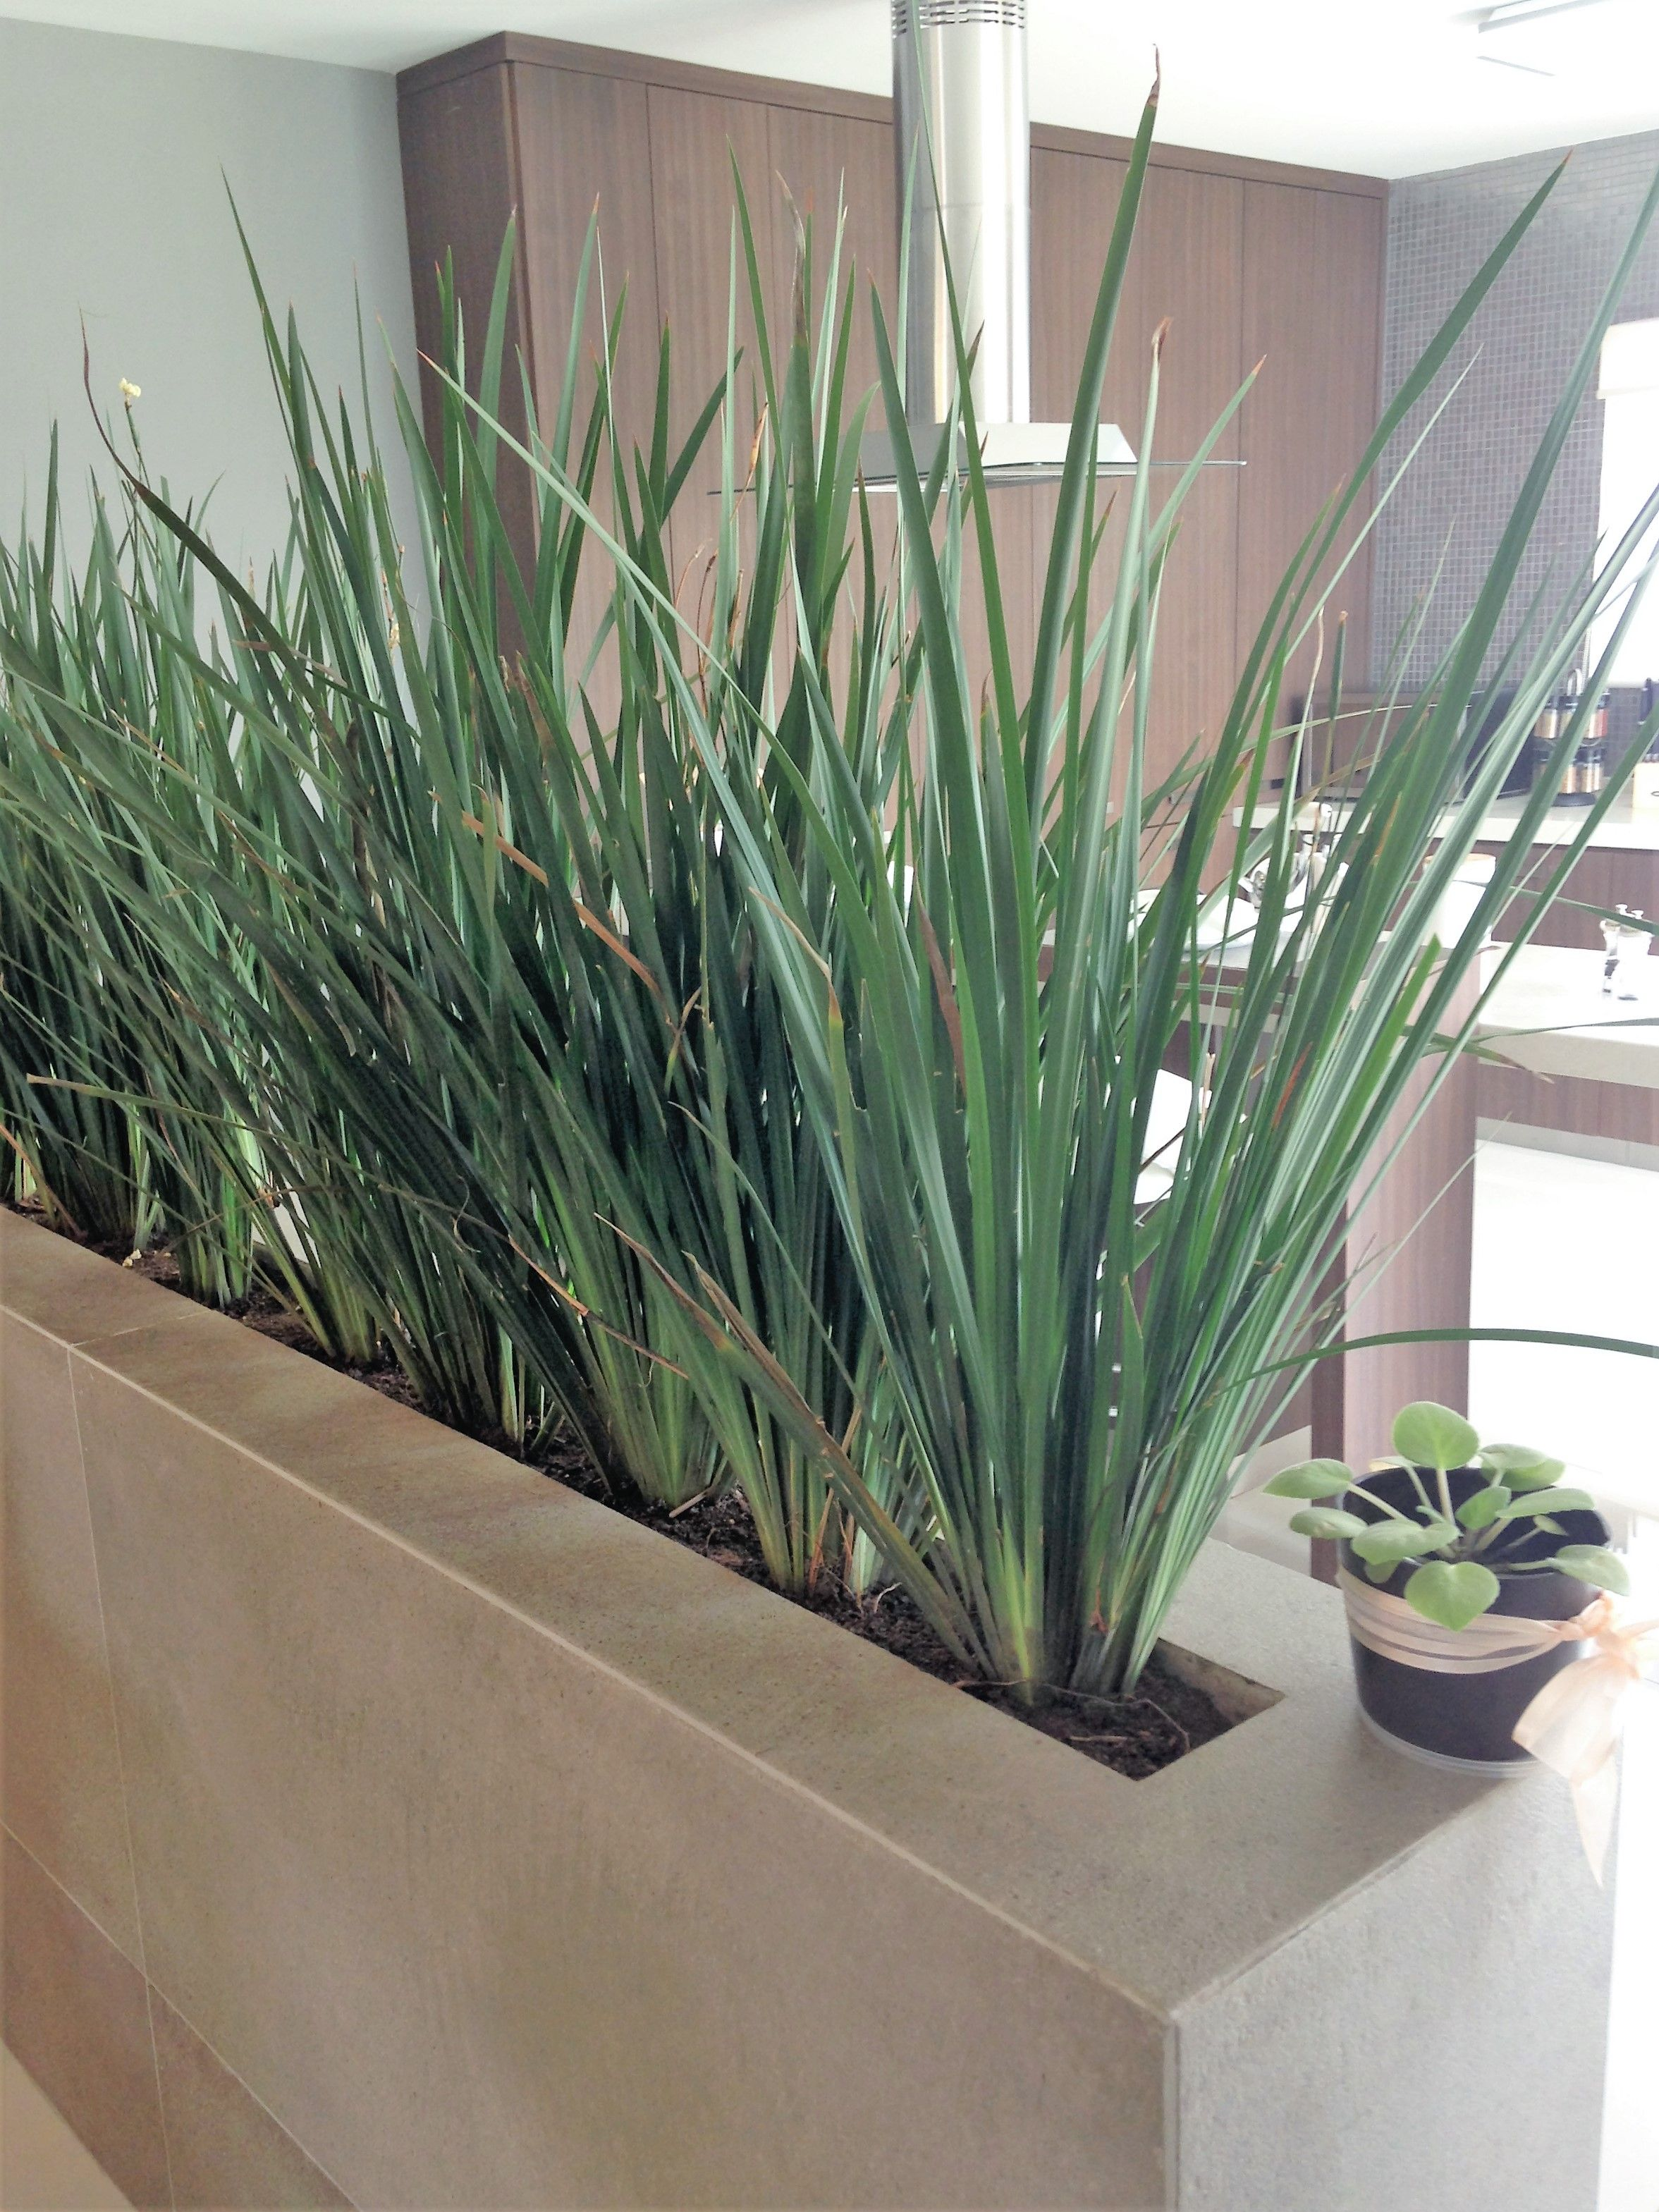 Jardinera Interior Para Dividir Un Espacio Casa Habitacion En - Jardinera-interior